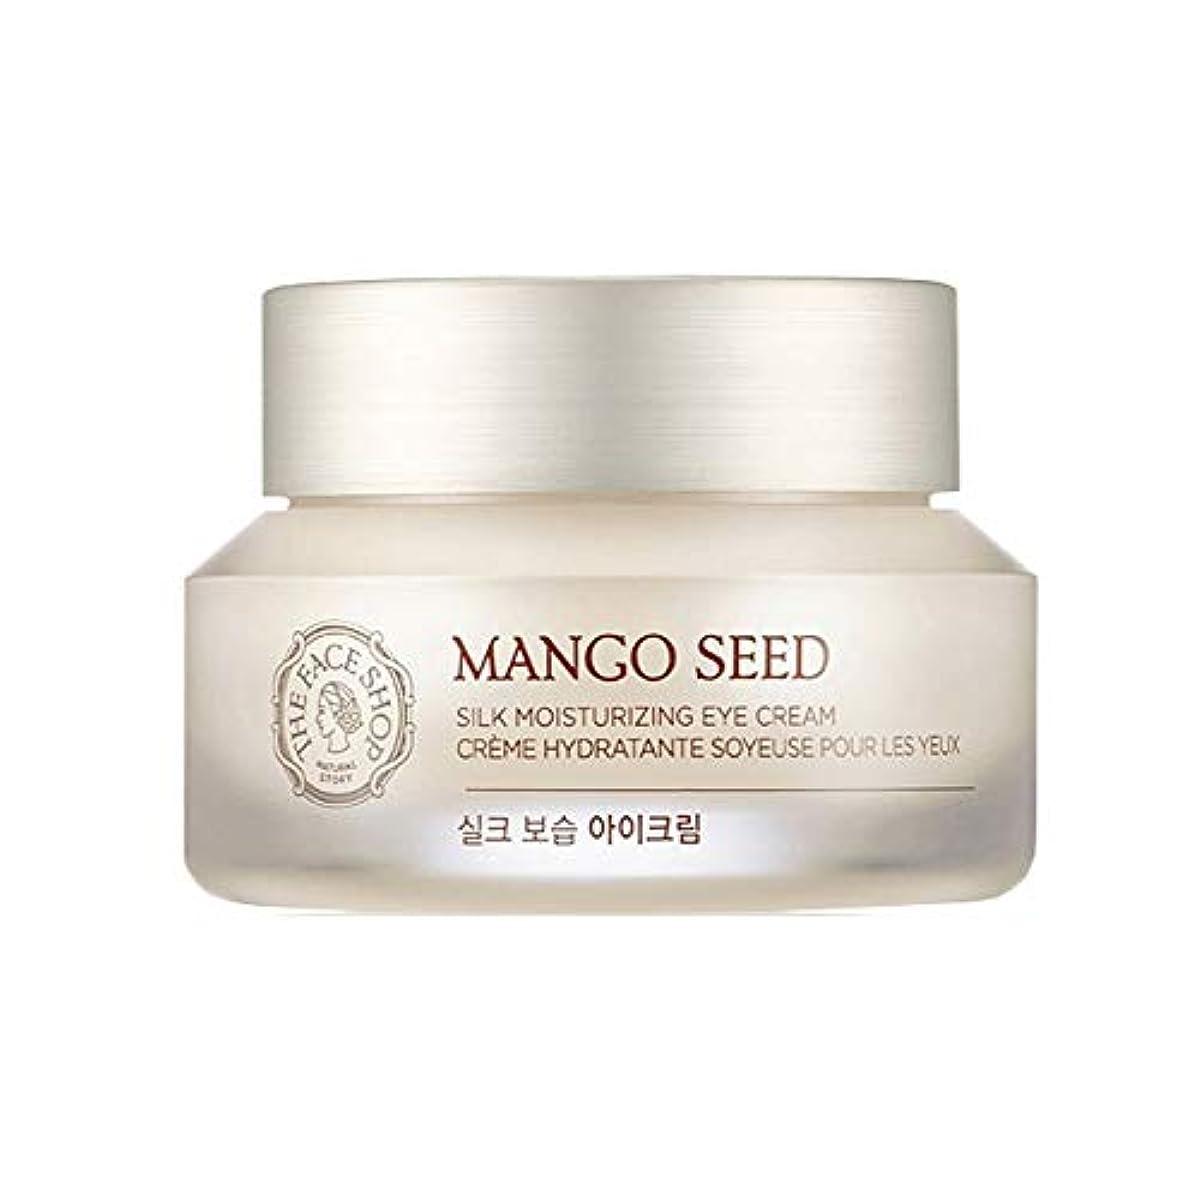 なすやりすぎシンポジウムザ?フェイスショップマンゴーシードシルク保湿アイクリーム30ml韓国コスメ、The Face Shop Mango Seed Silk Moisturizing Eye Cream 30ml Korean Cosmetics...